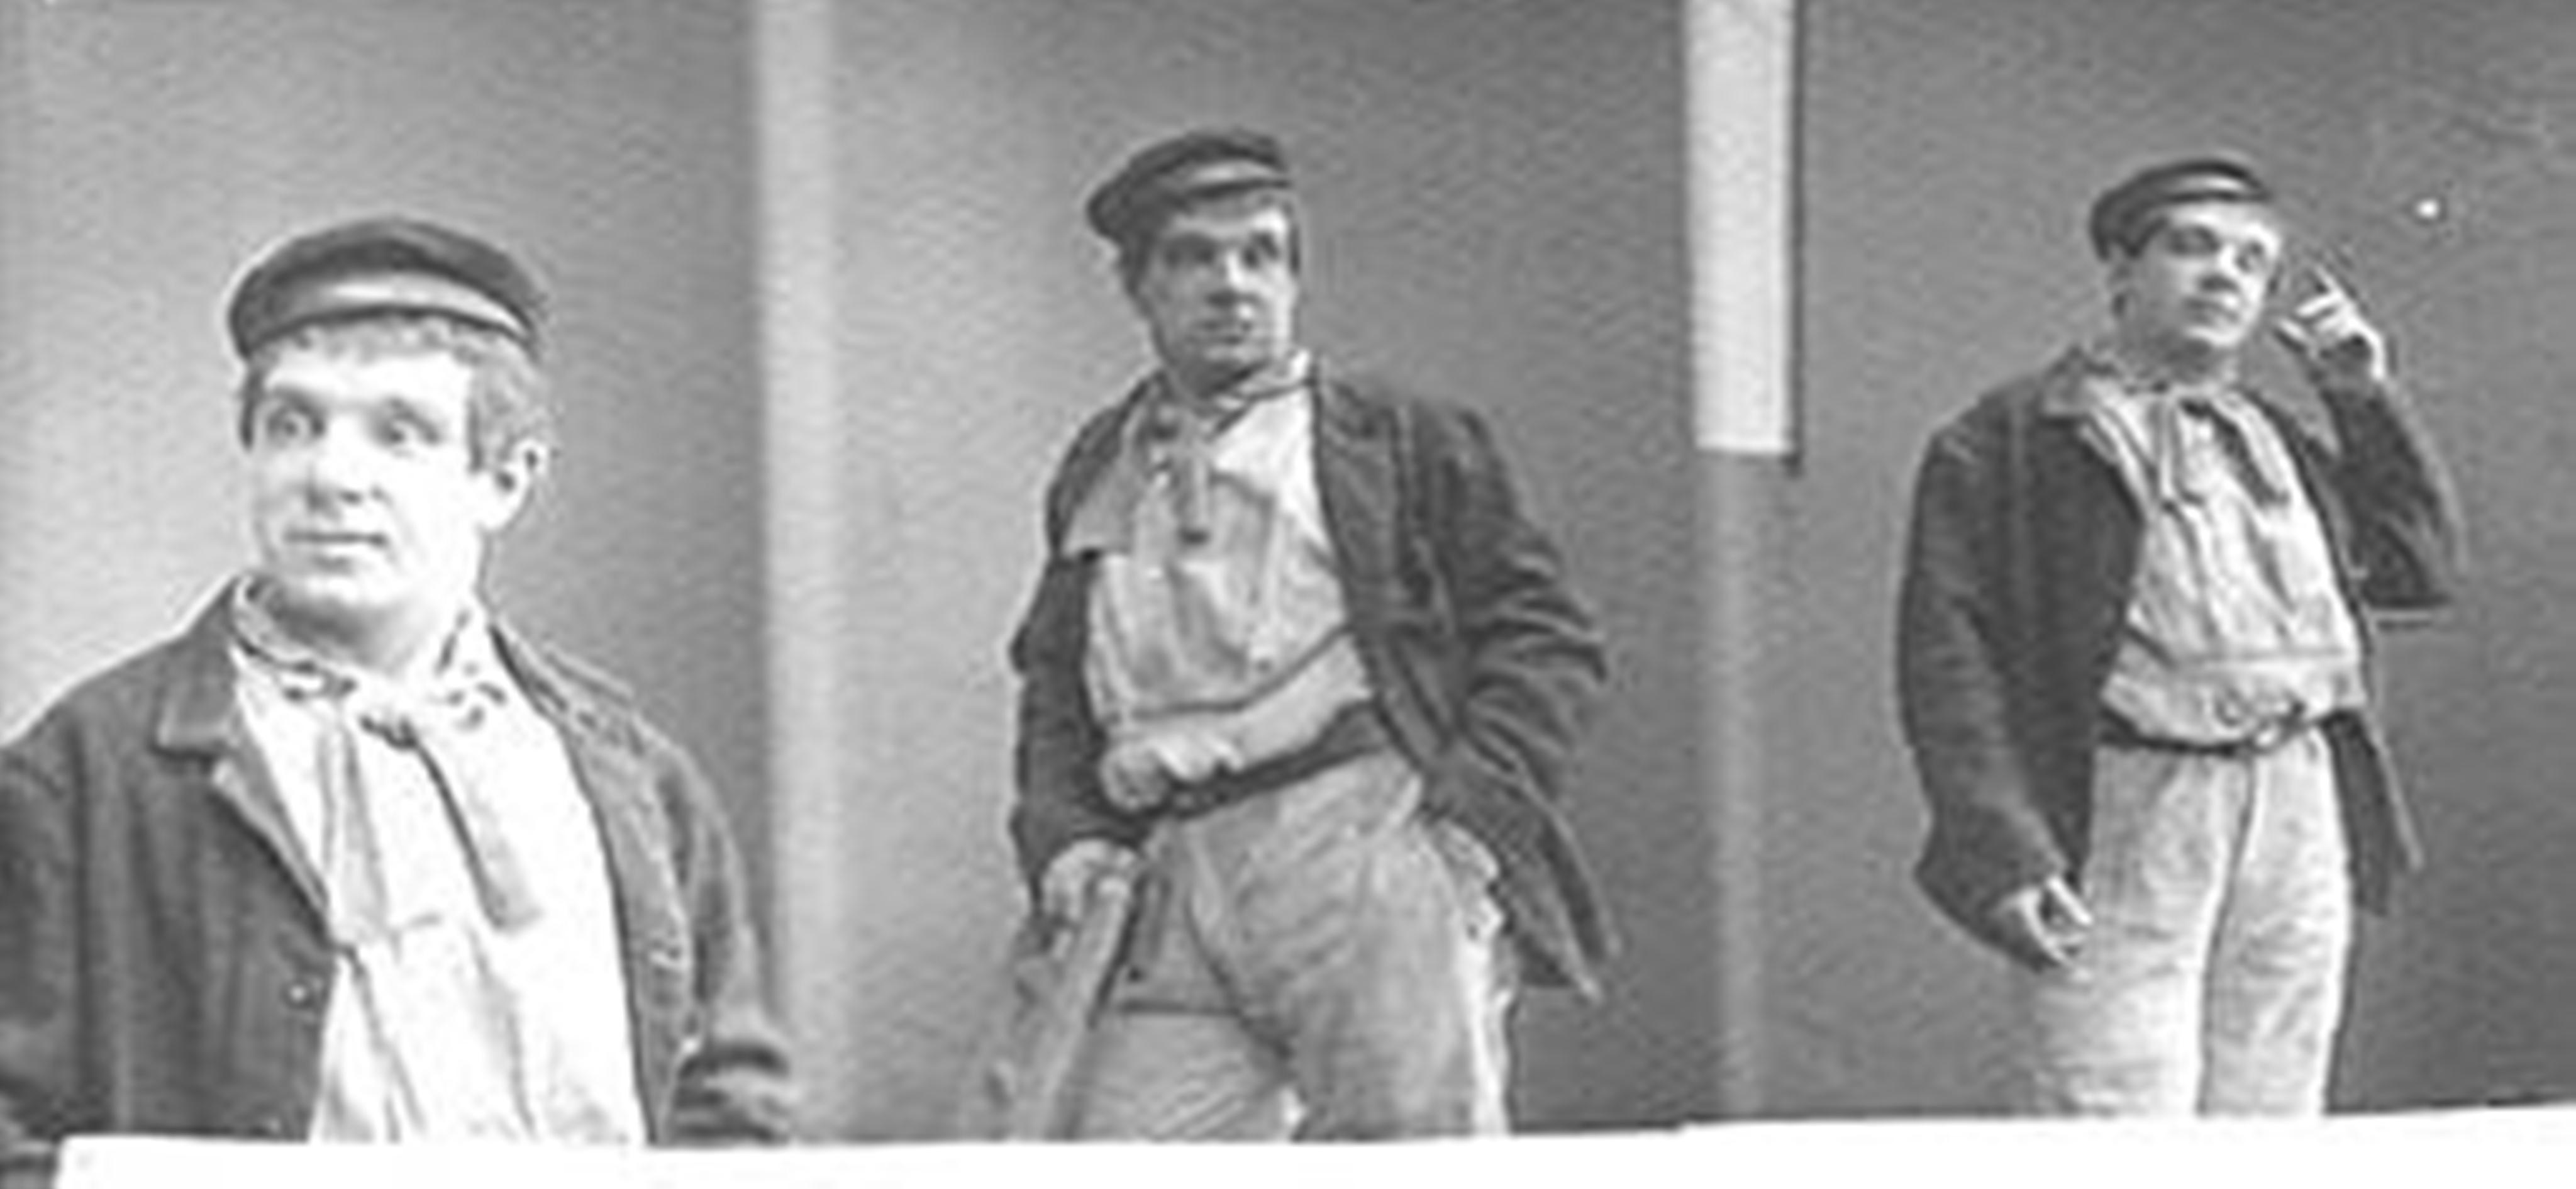 Image - Mousseau dans le rôle de Bibi-la-Grillade